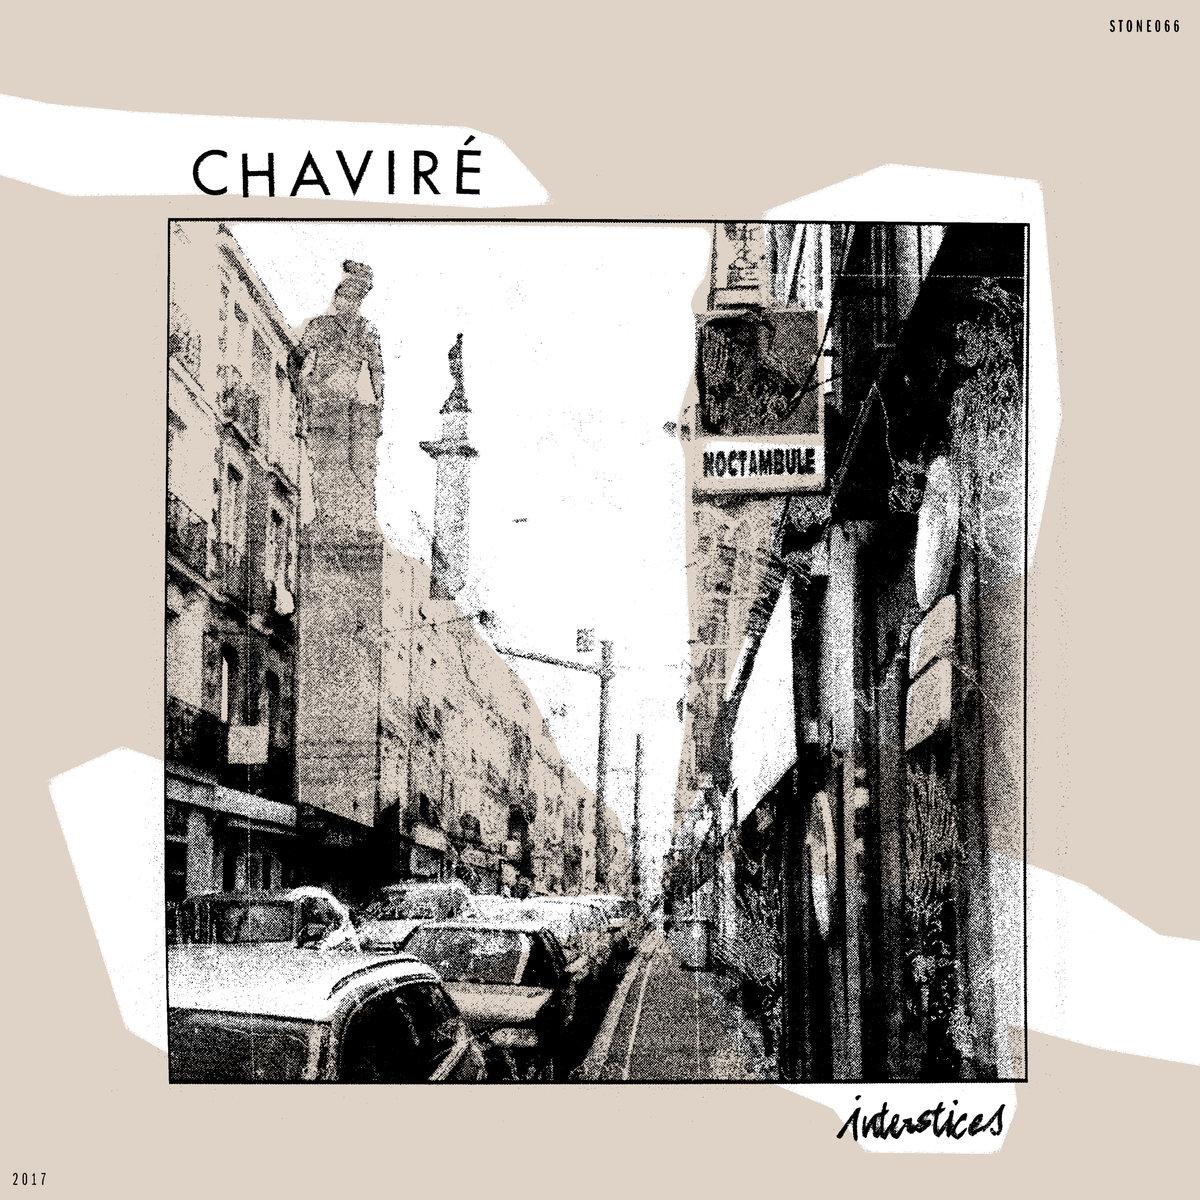 Chaviré